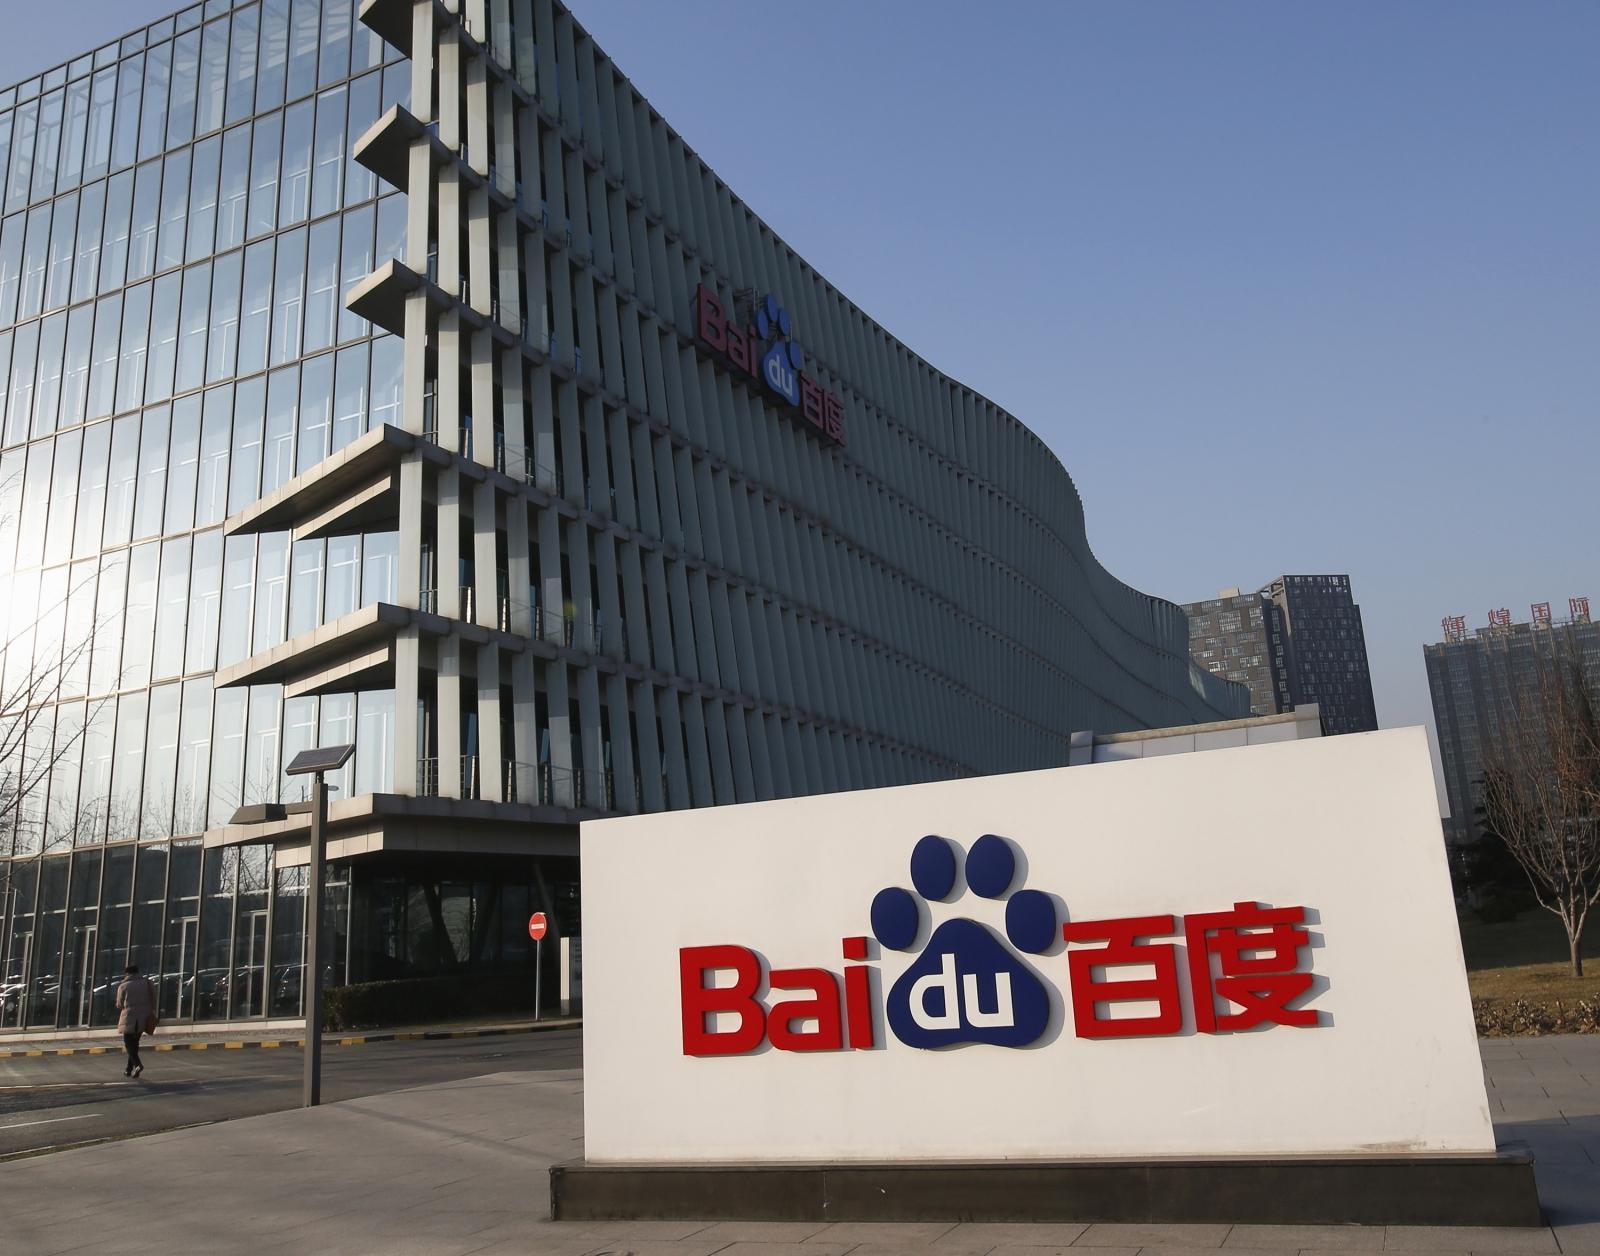 Baidu scandal effect